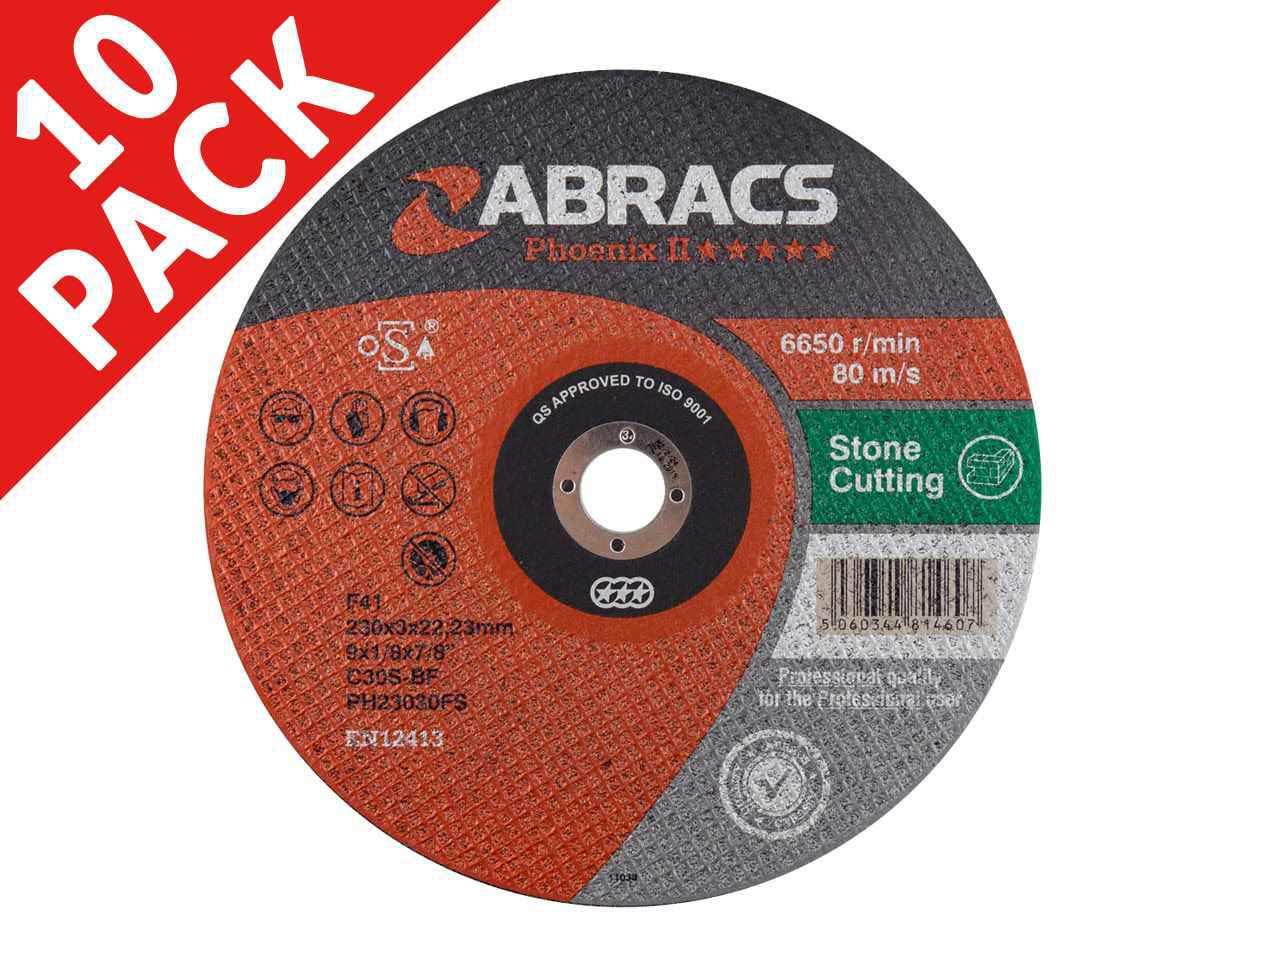 Abracs_PH23030FSx10.jpg